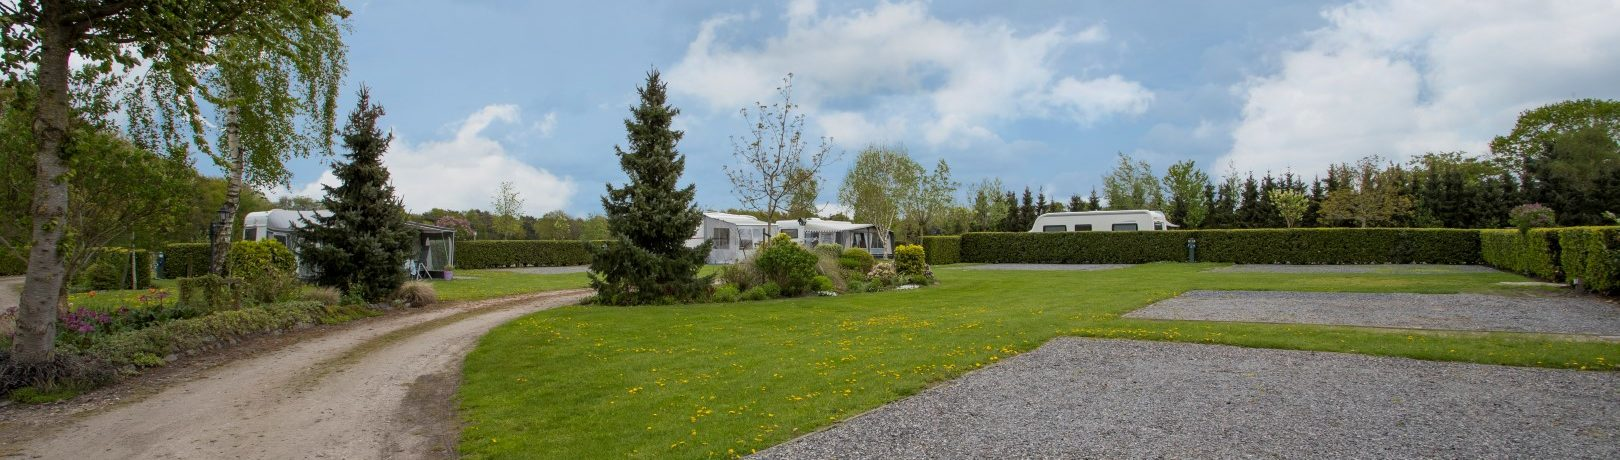 De kleine Abtshoeve is een kleine, ruim opgezette charme camping met 25 verharde plaatsen in Noord-Brabant vlak bij het centrum van Oosterhout en Breda.